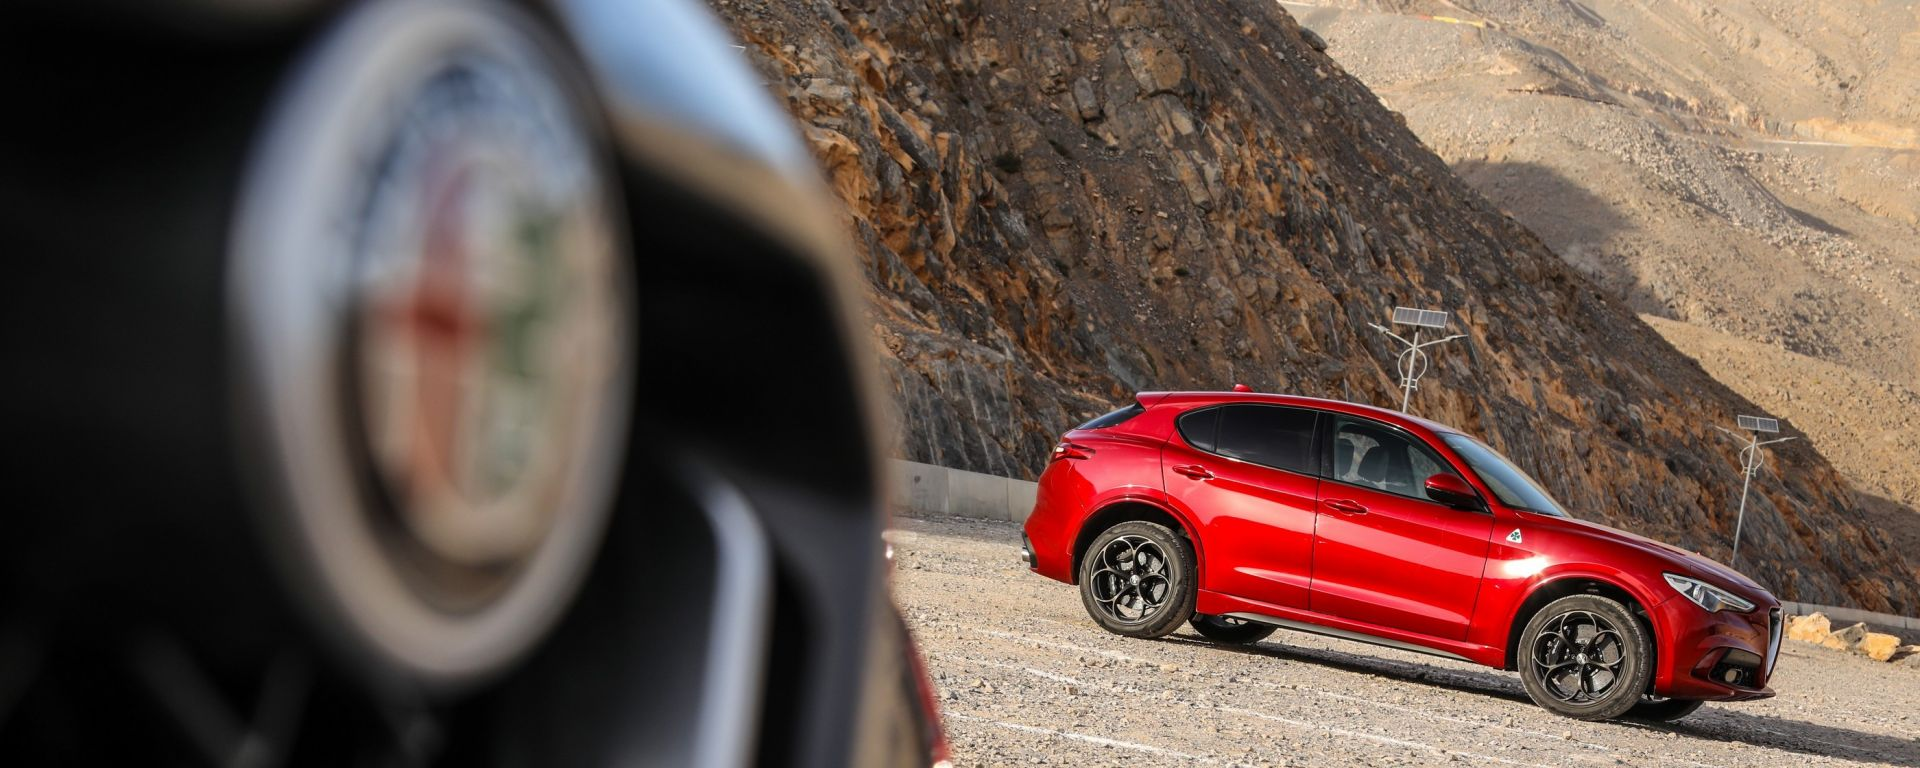 Alfa Romeo Stelvio Quadrifoglio: Suv dell'anno in Germania